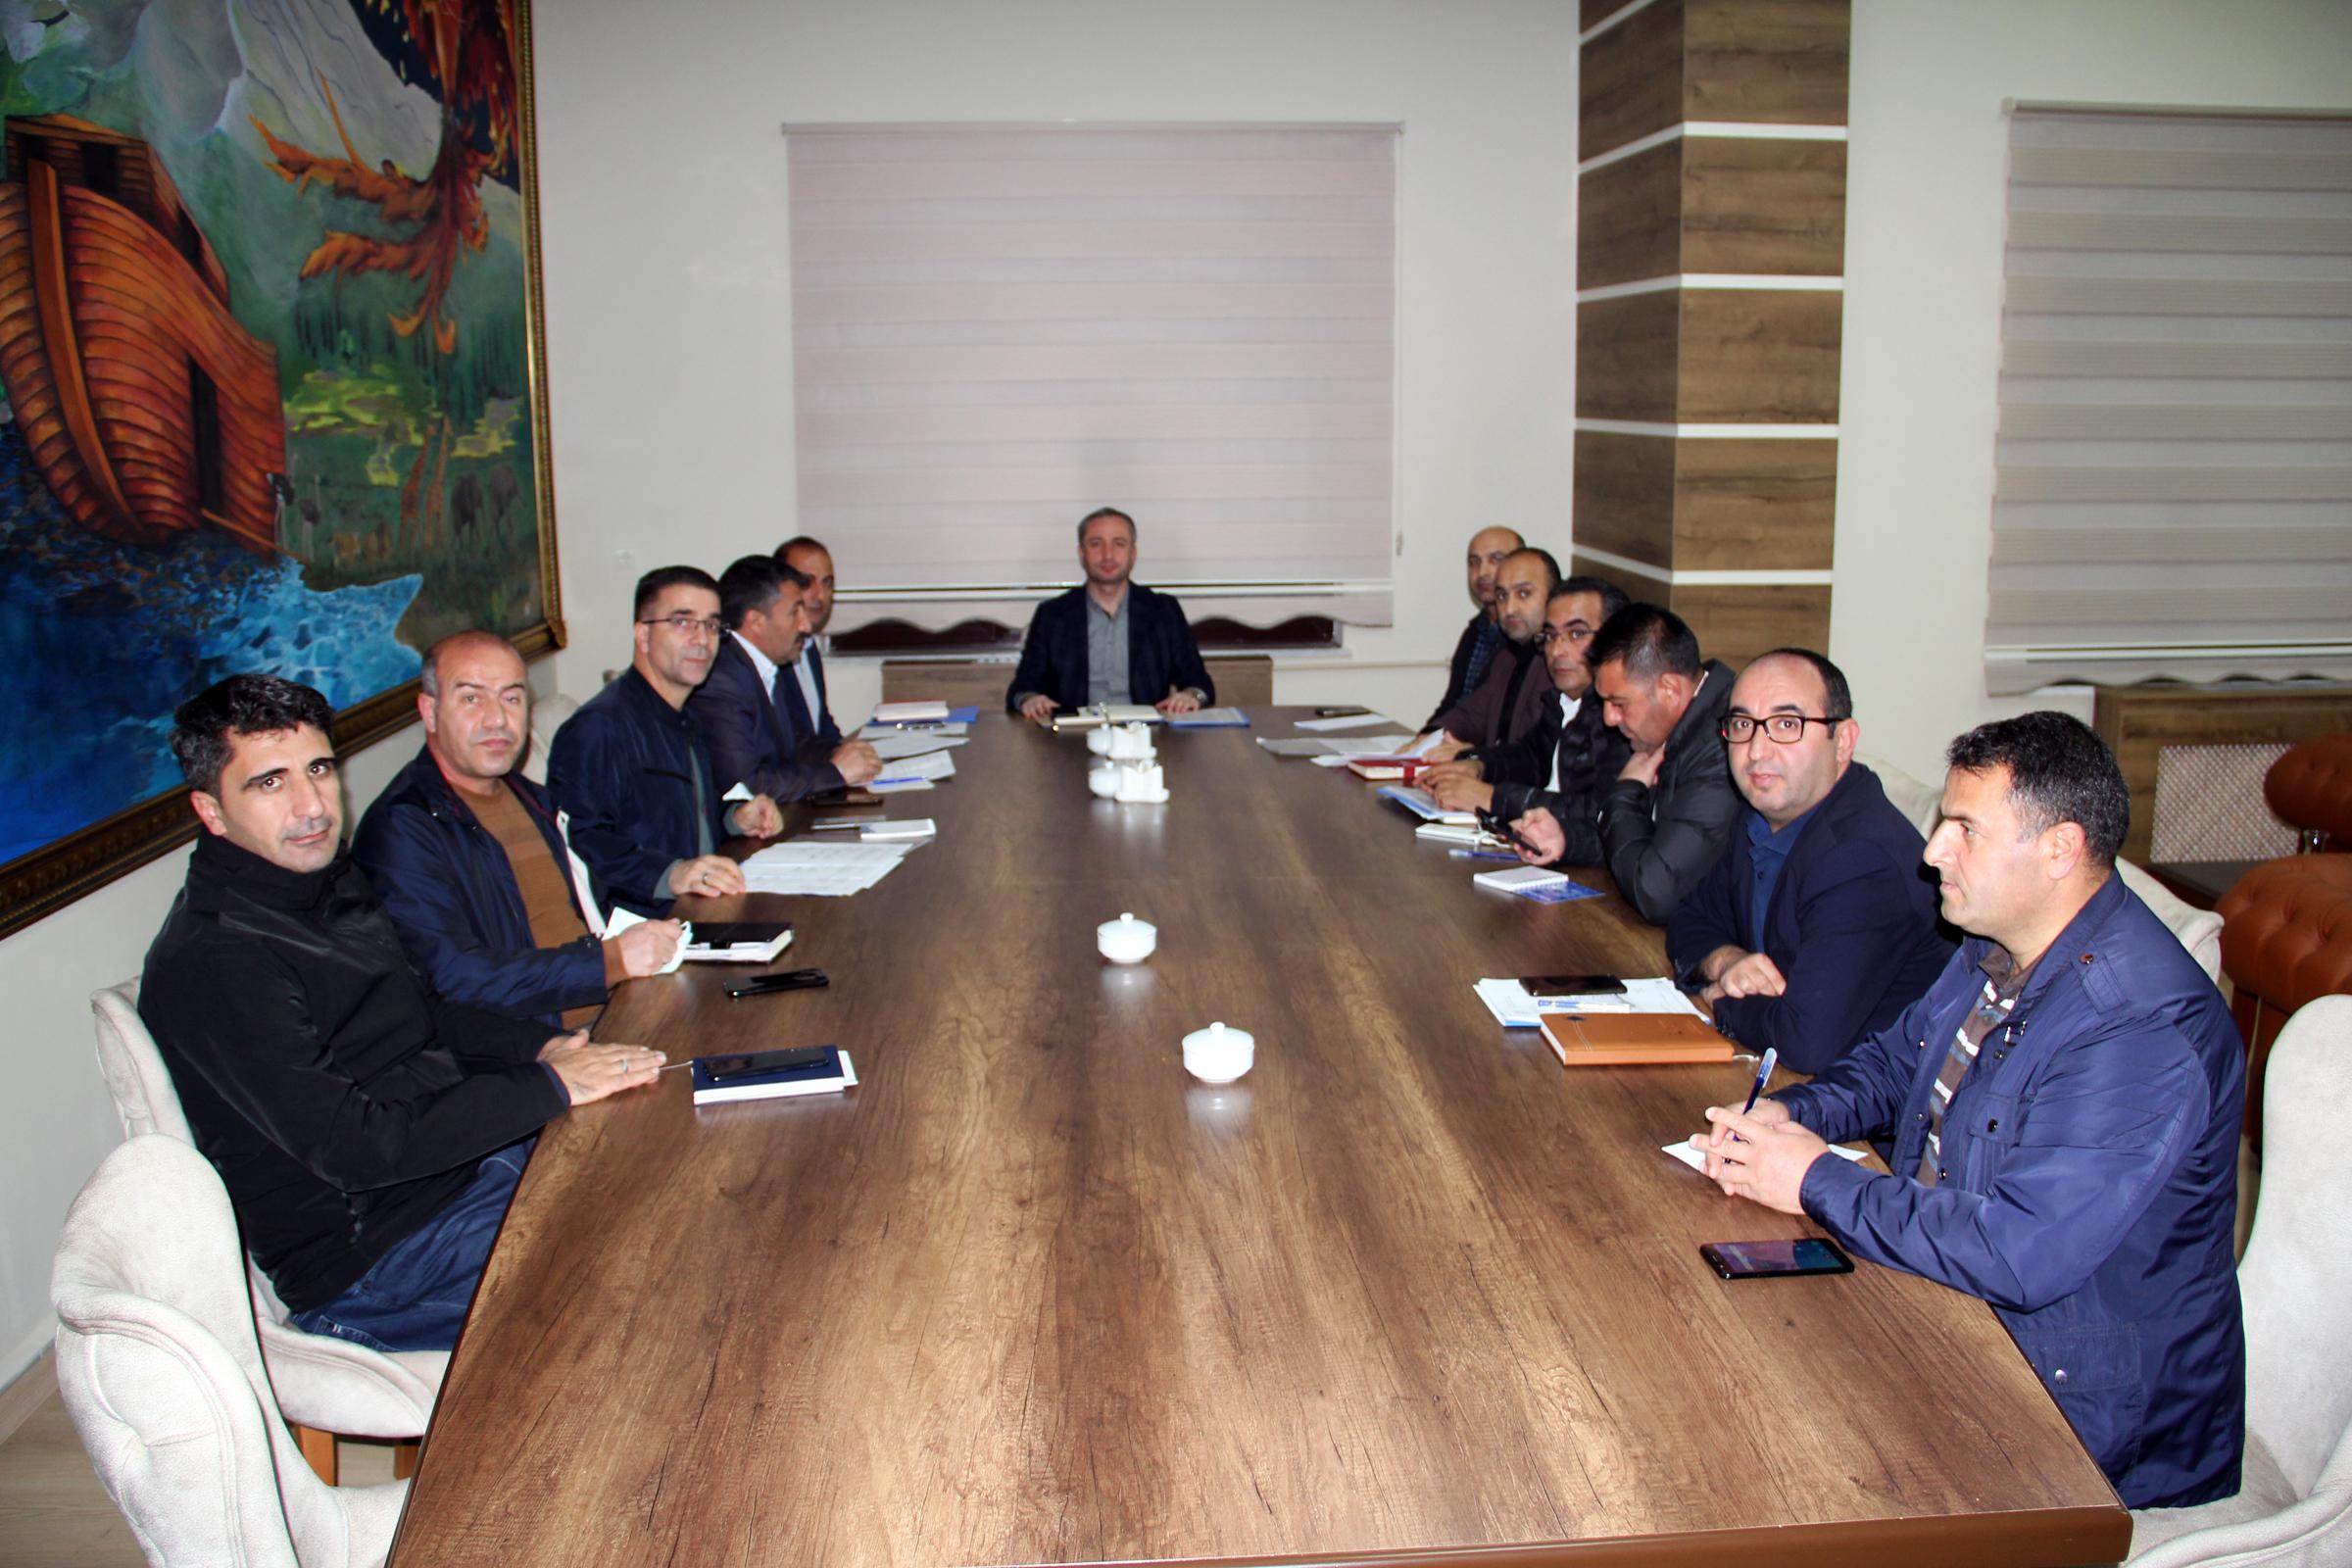 Ağrı Milli Eğitim Müdürü Kökrek, ilçe milli eğitim müdürleri ile bir araya geldi